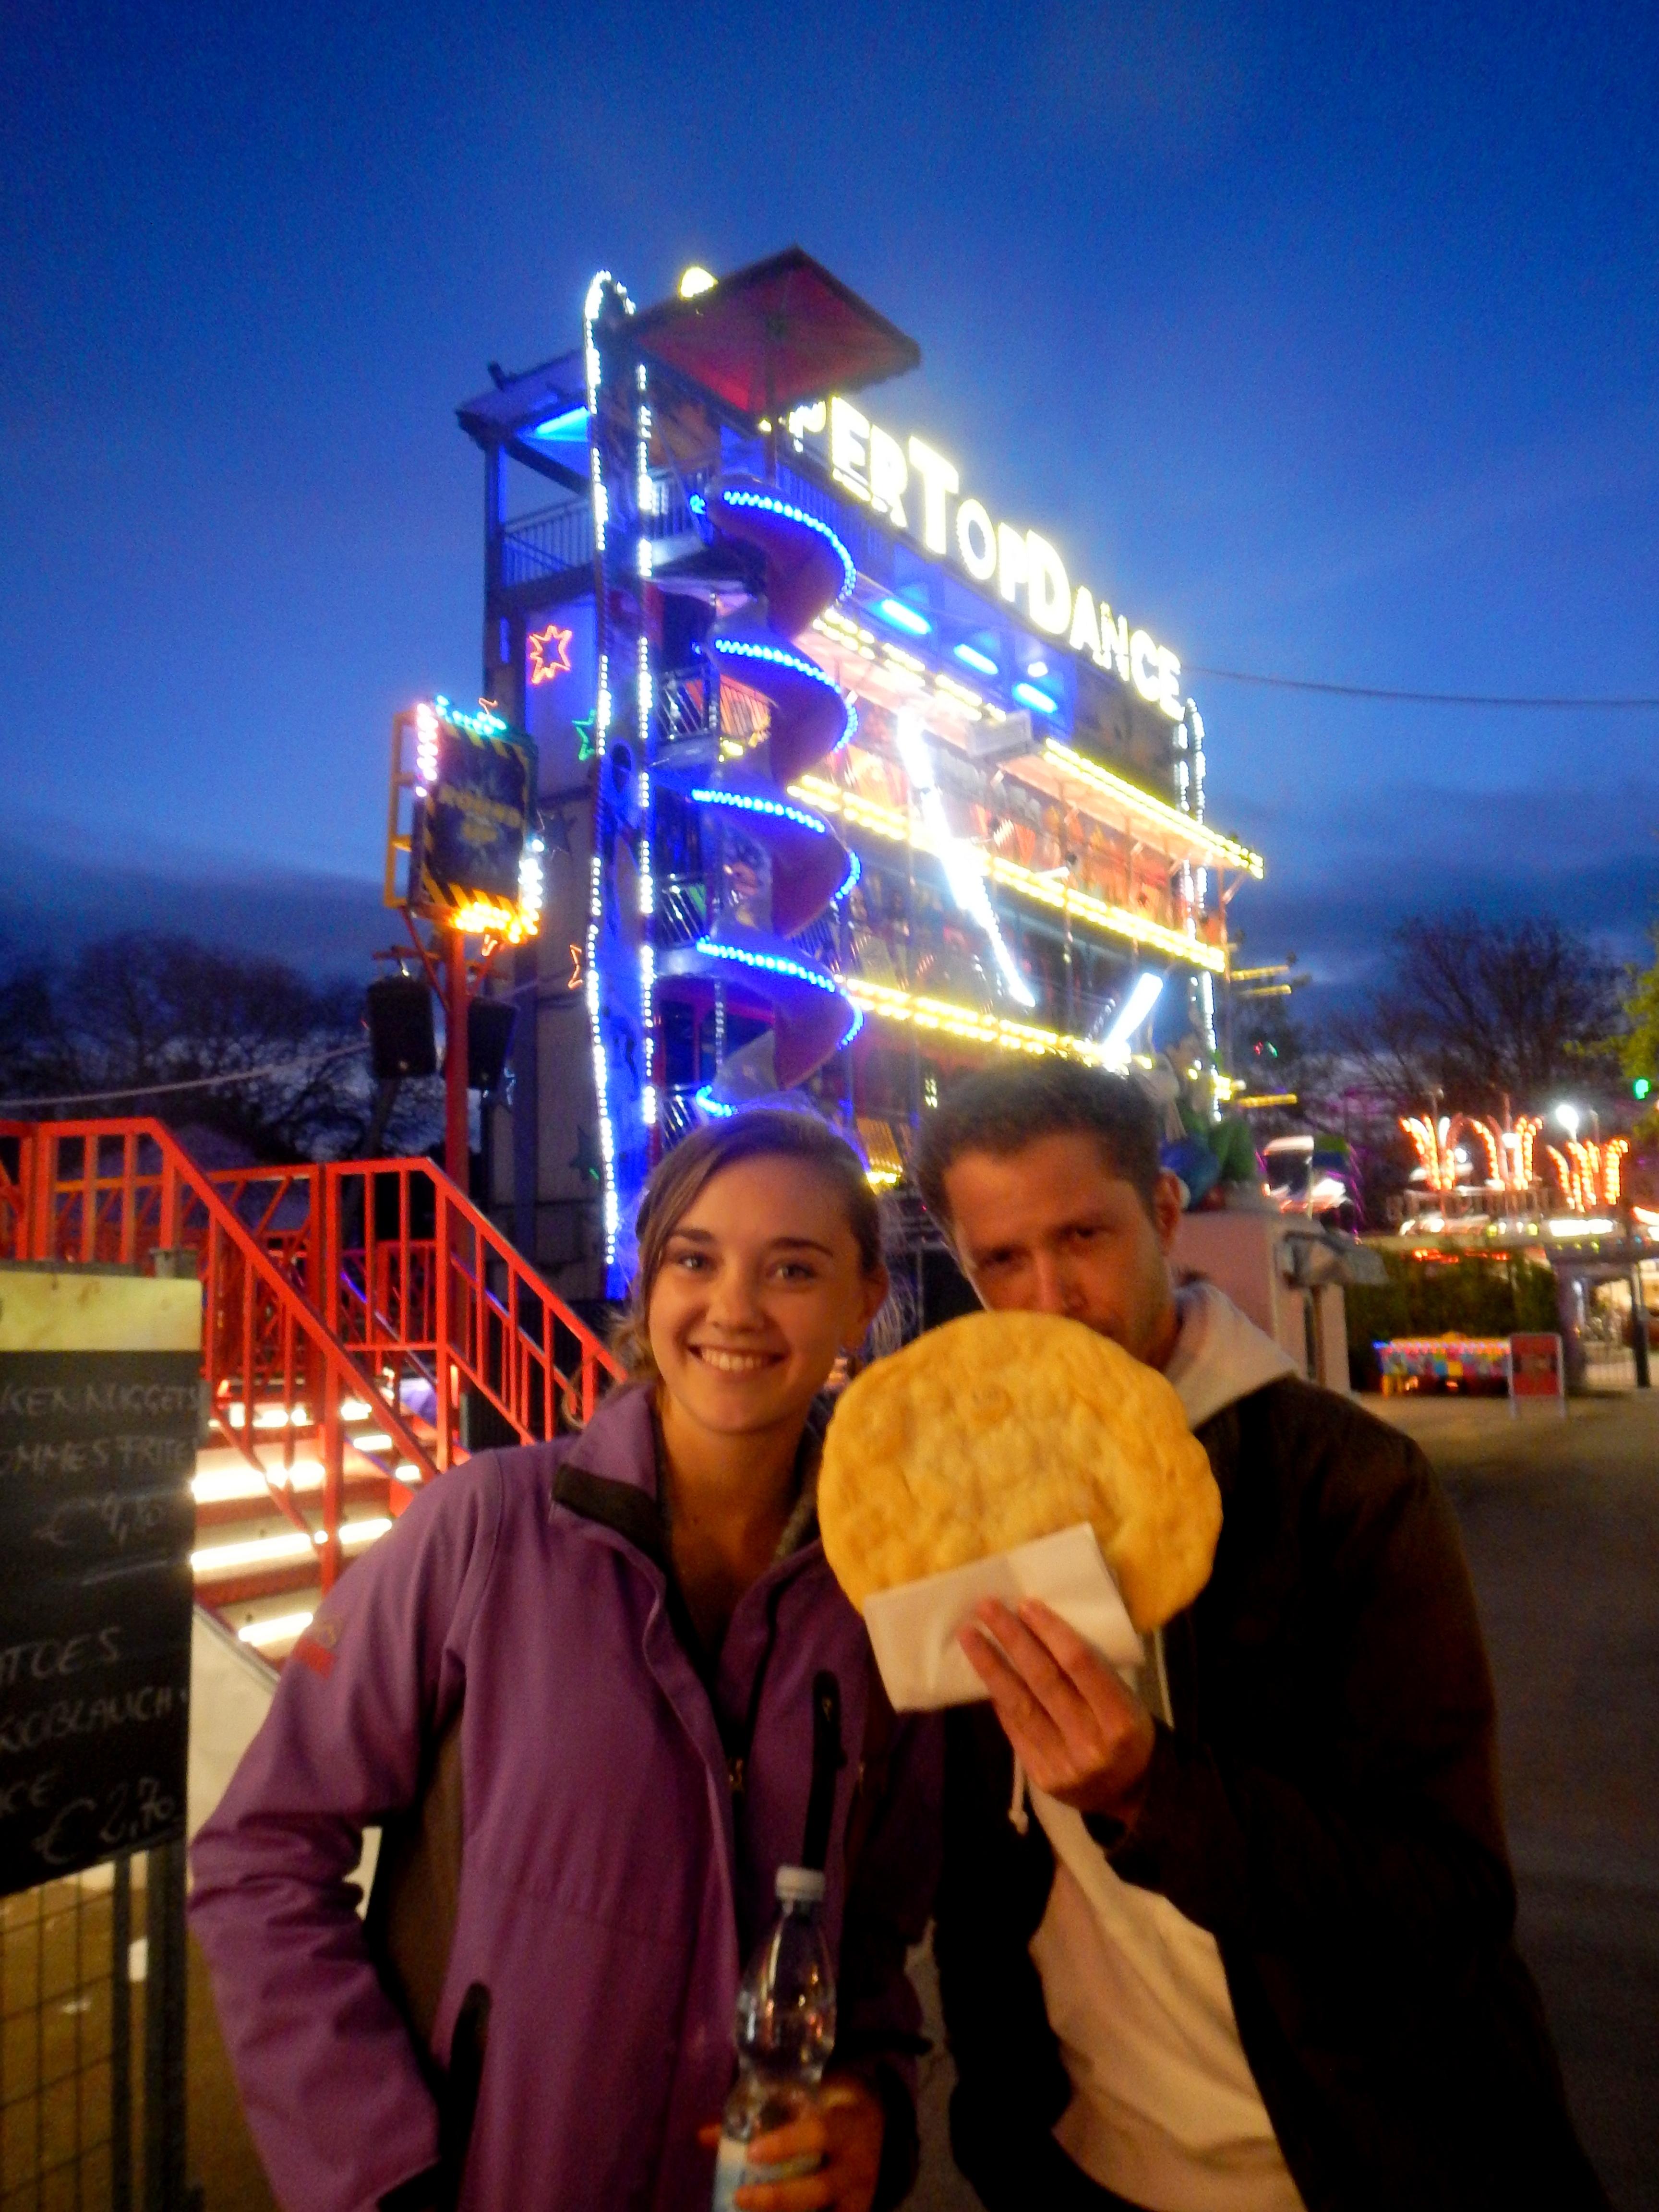 Prater Theme Park in Vienna, Austria